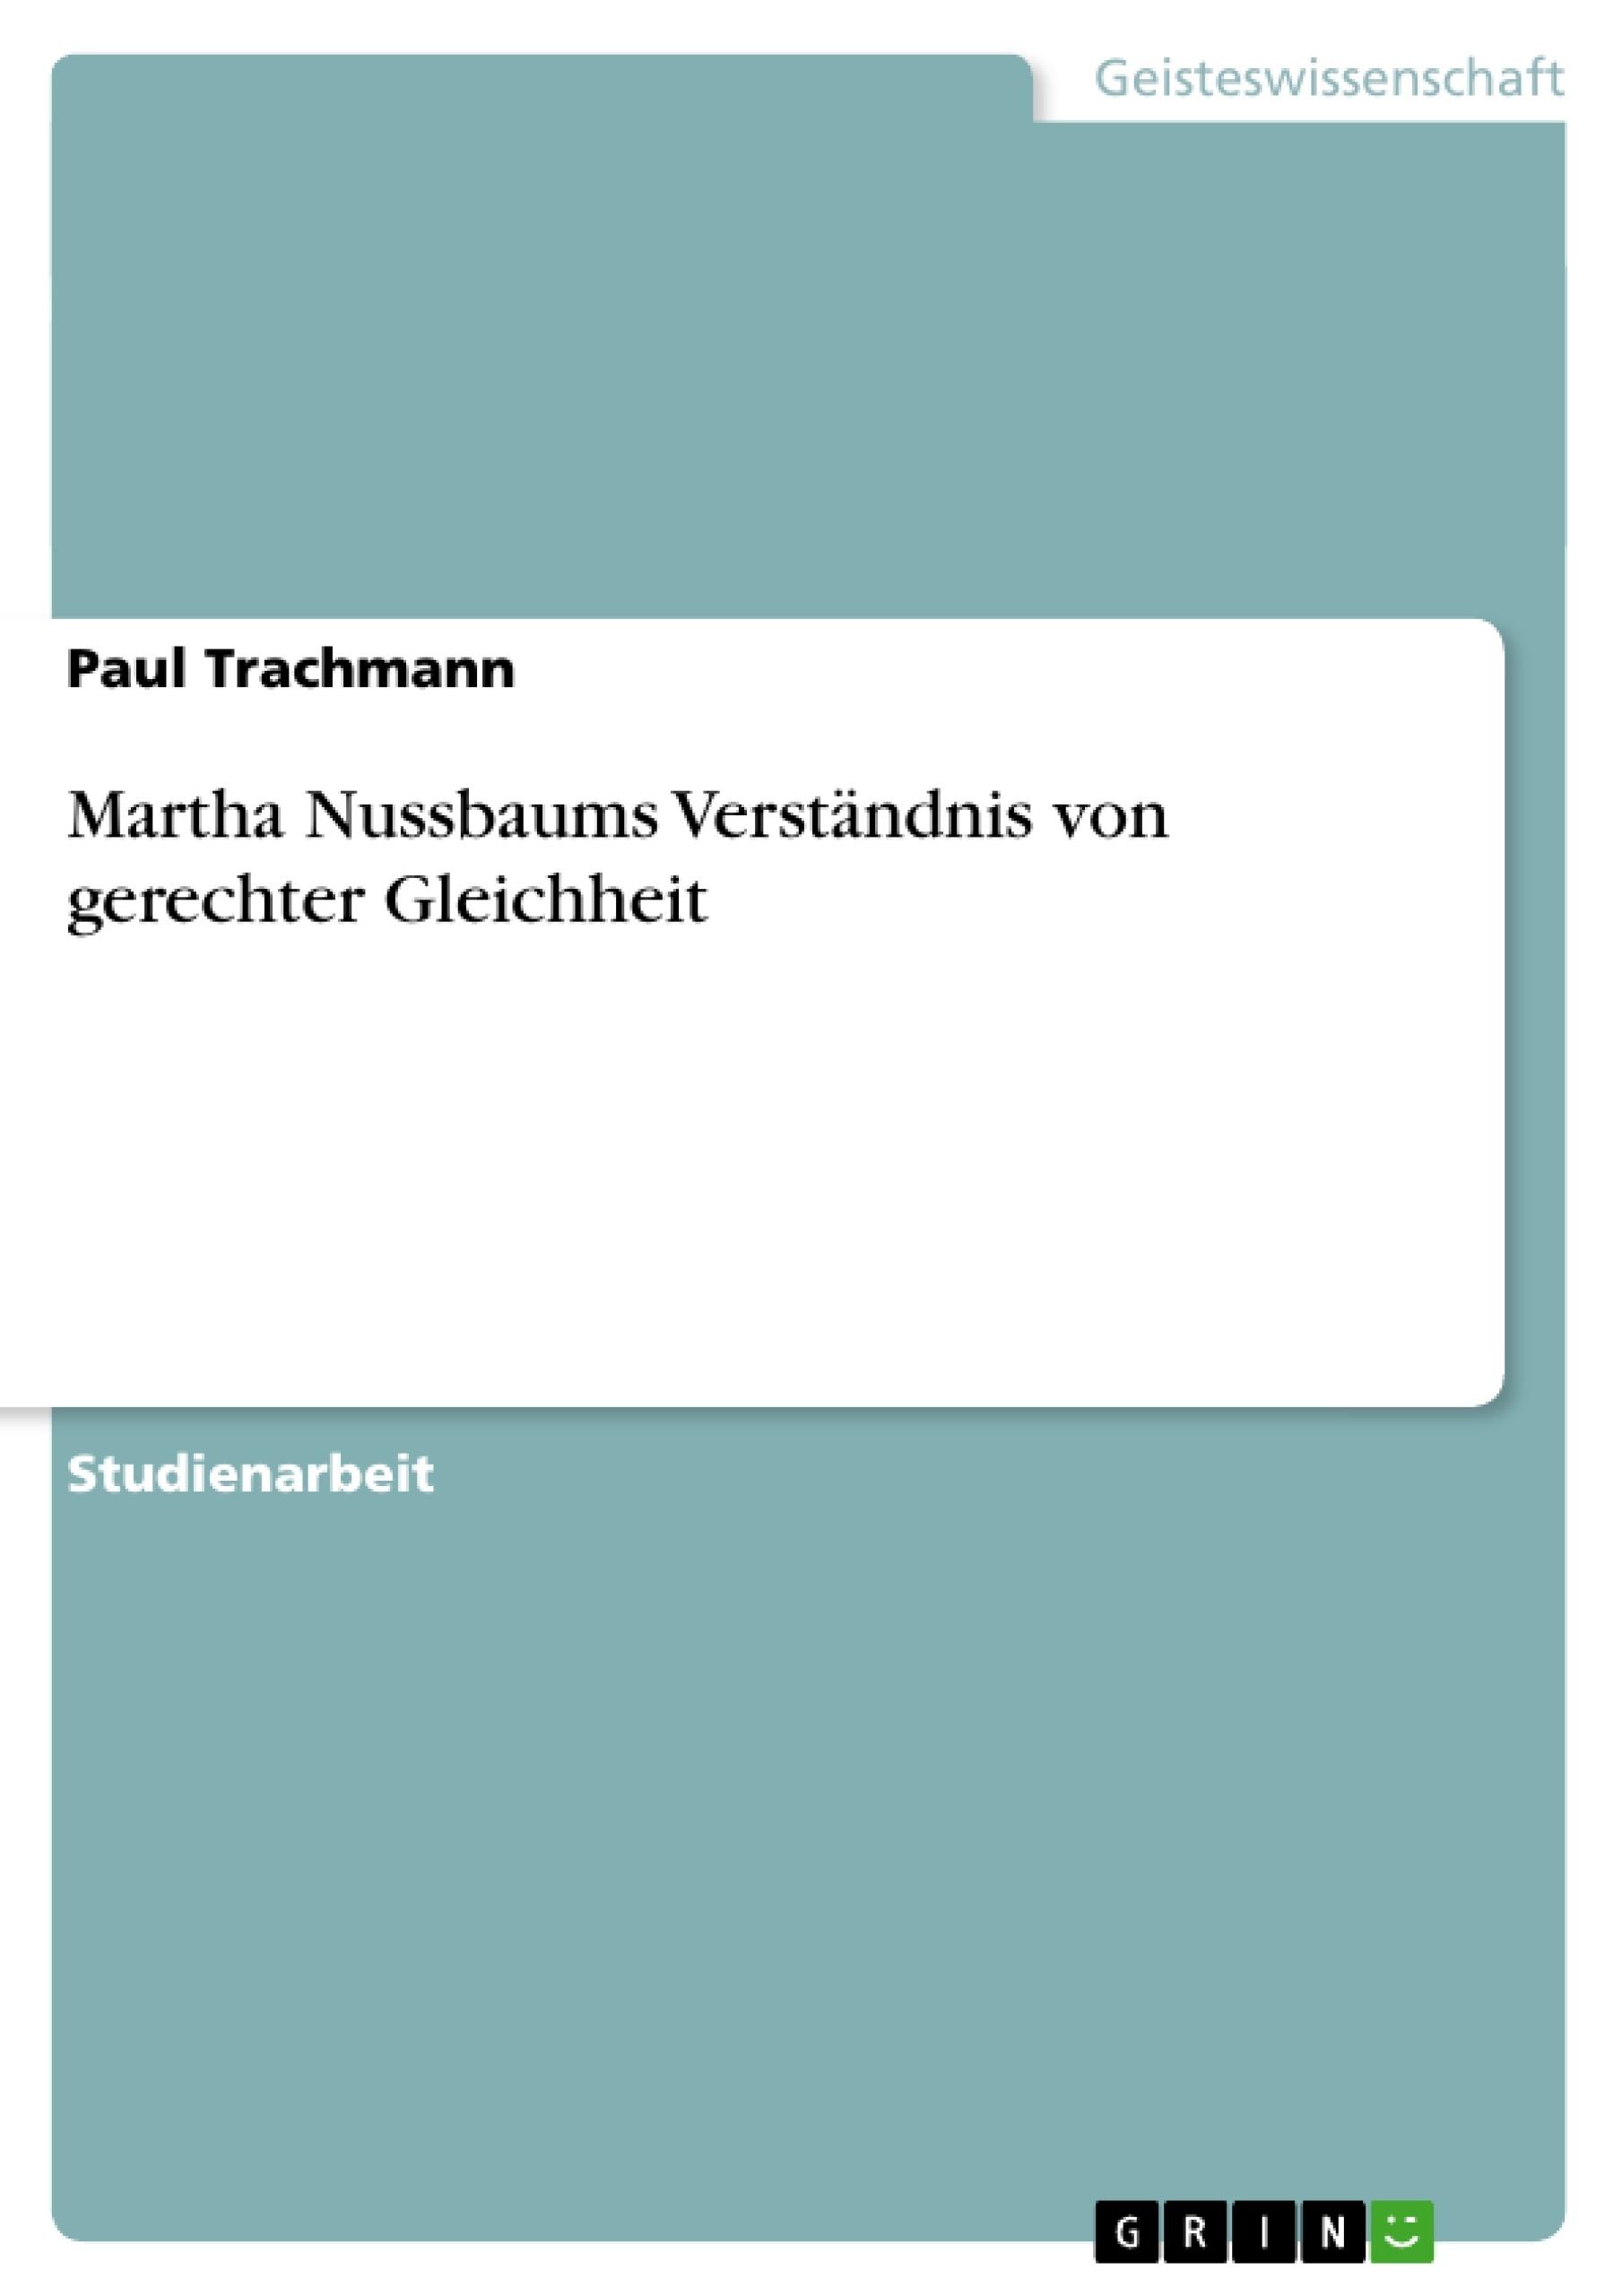 Titel: Martha Nussbaums Verständnis von gerechter Gleichheit